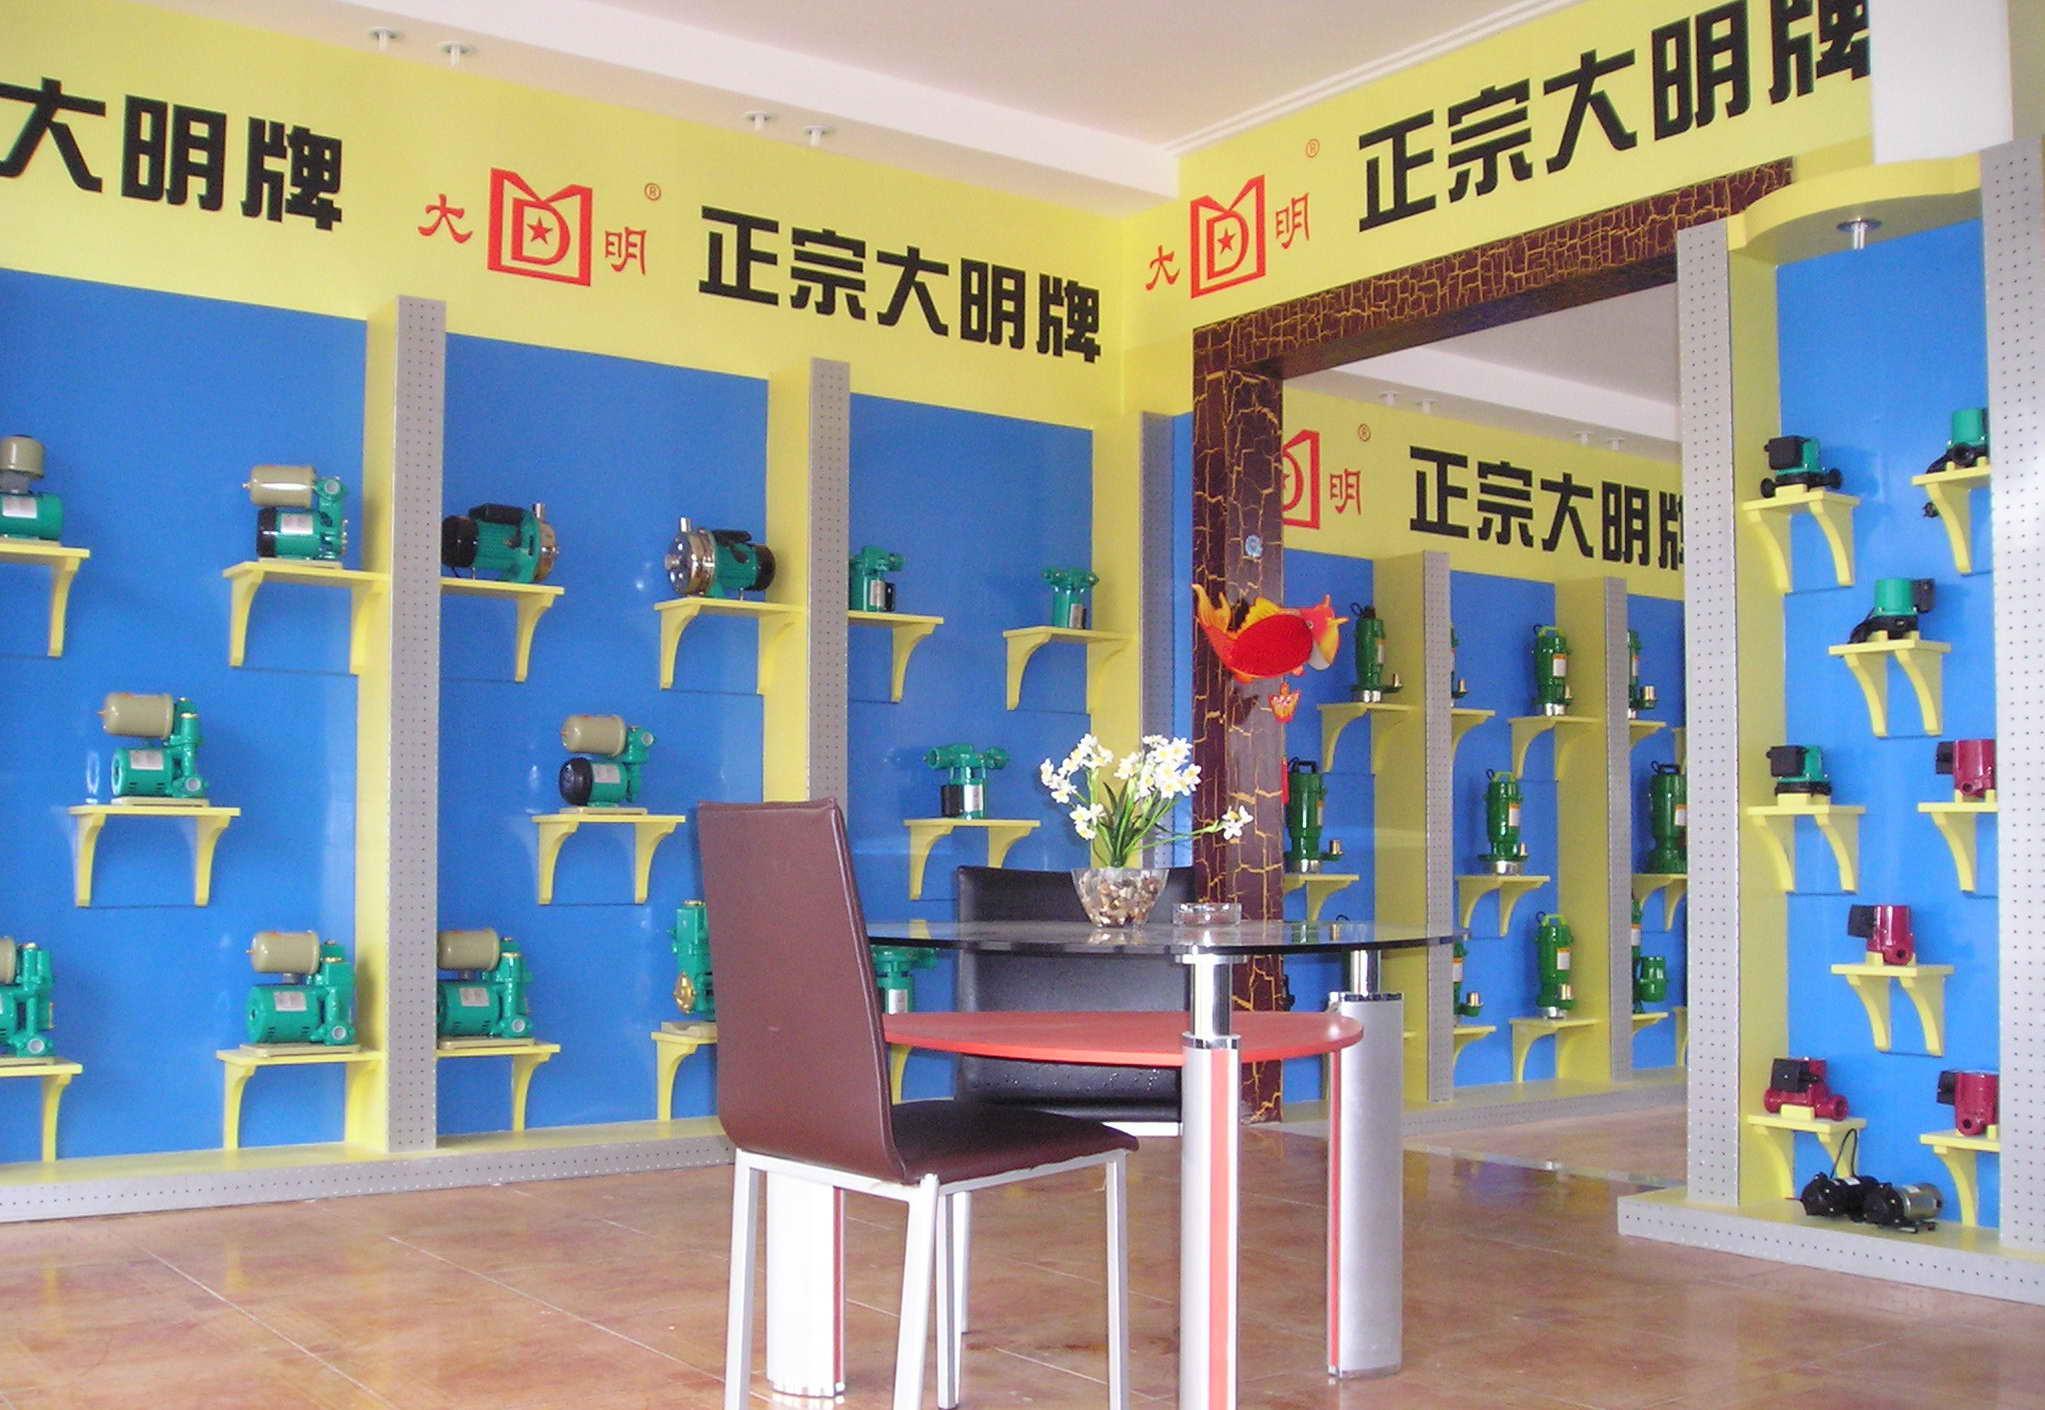 浙江大明机电有限公司-大明公司展示厅3